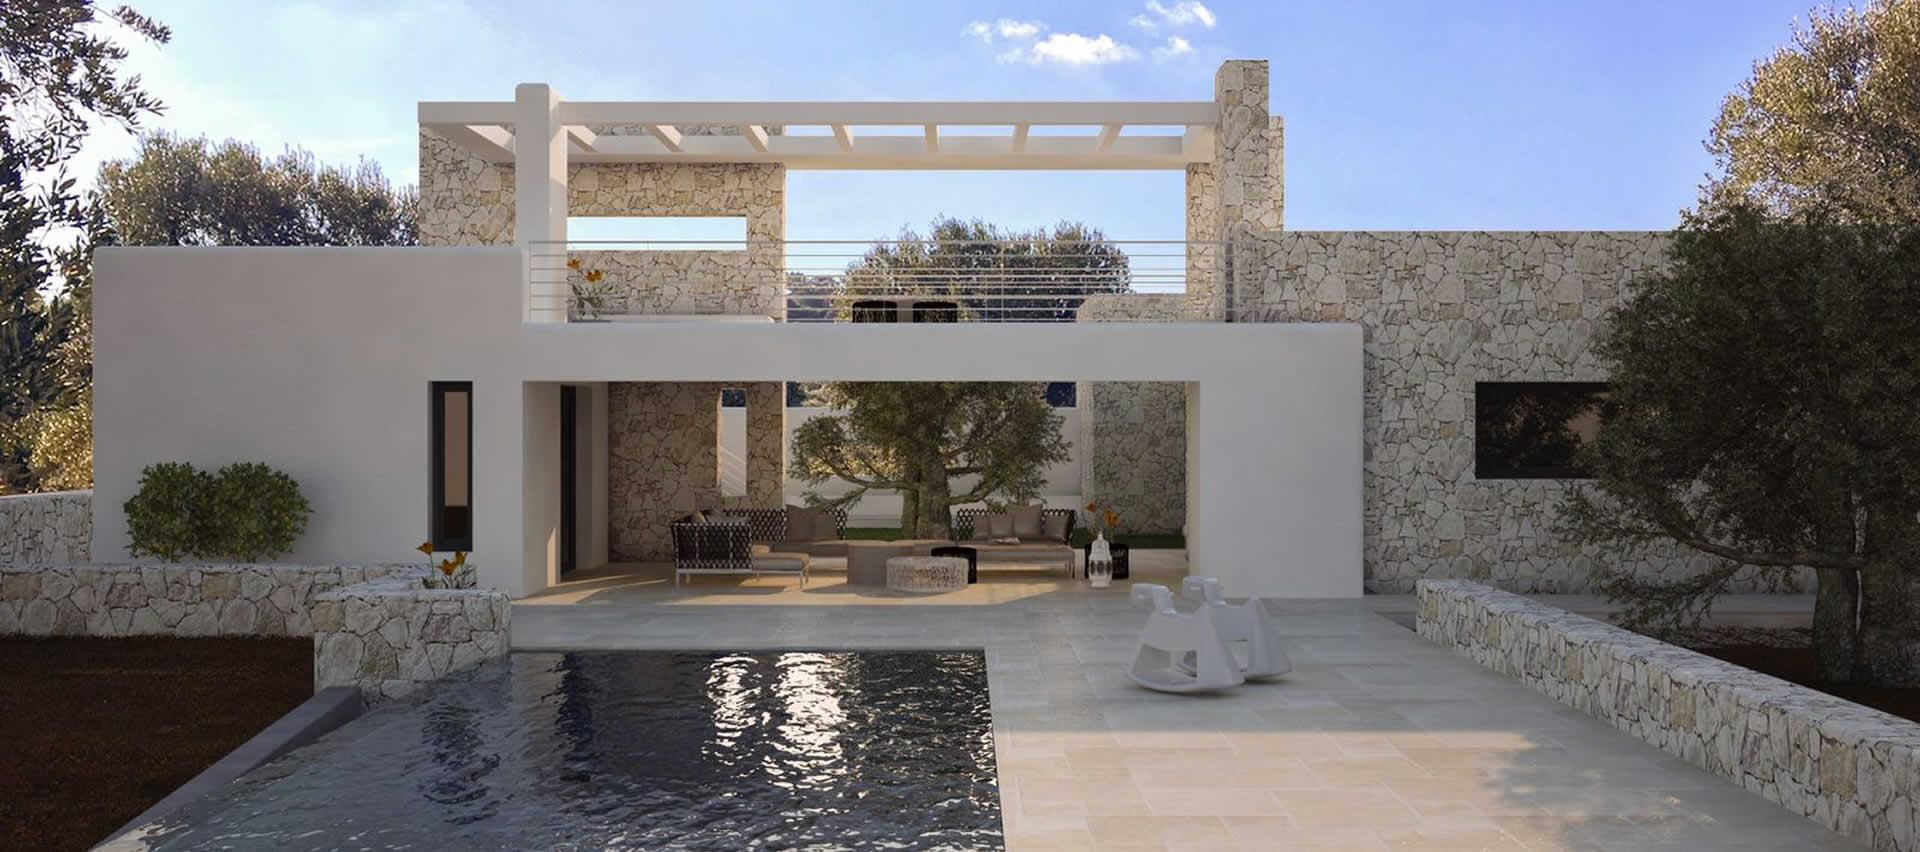 Alto salento immobiliare agenzia immobiliare in puglia for Le case design